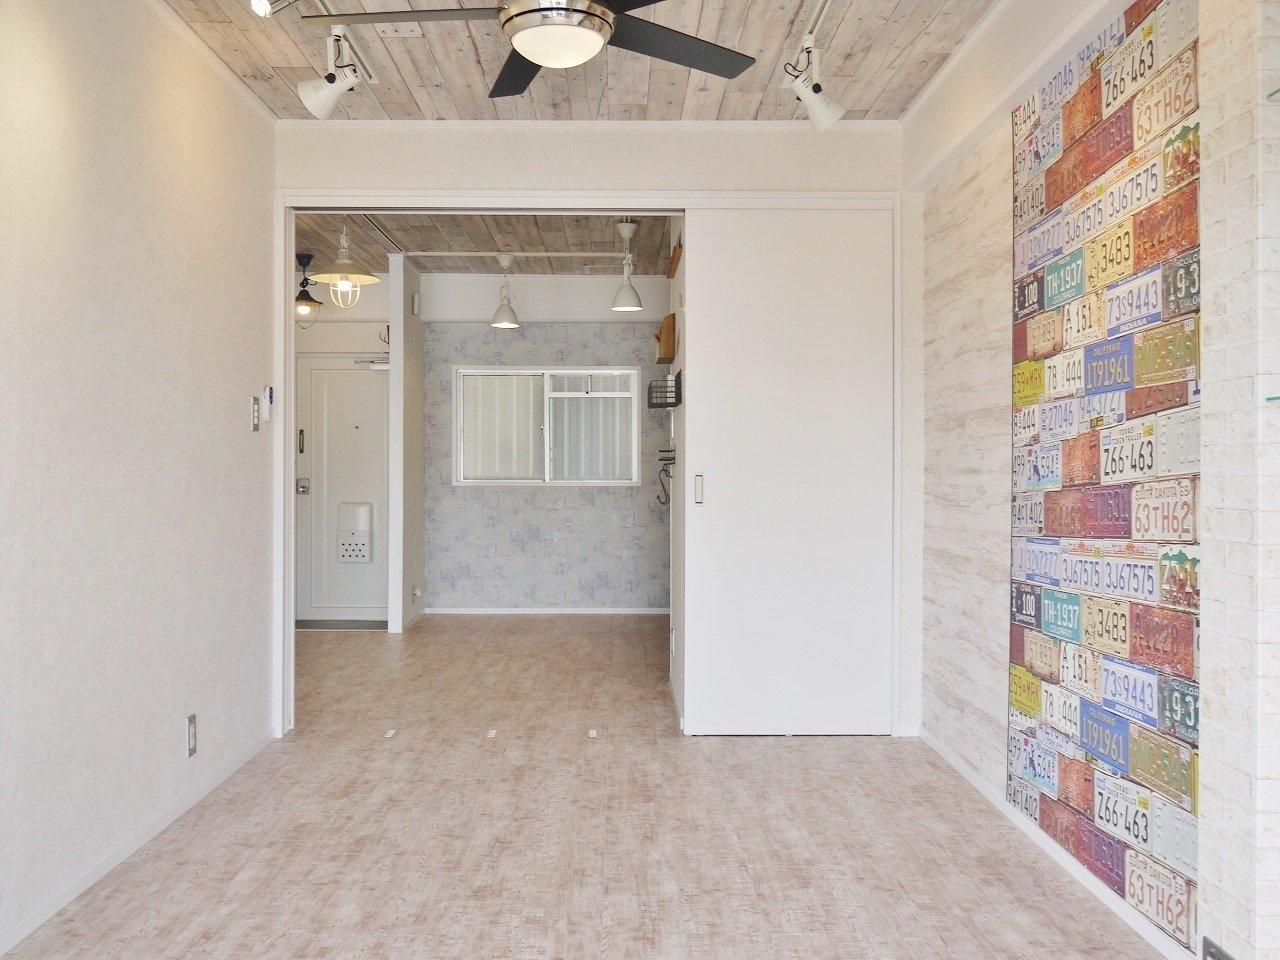 オーナーさんのこだわりで、部屋ごとにデザインのテイストが違うというお部屋。こちらはブルックリンスタイルをテーマにしています。